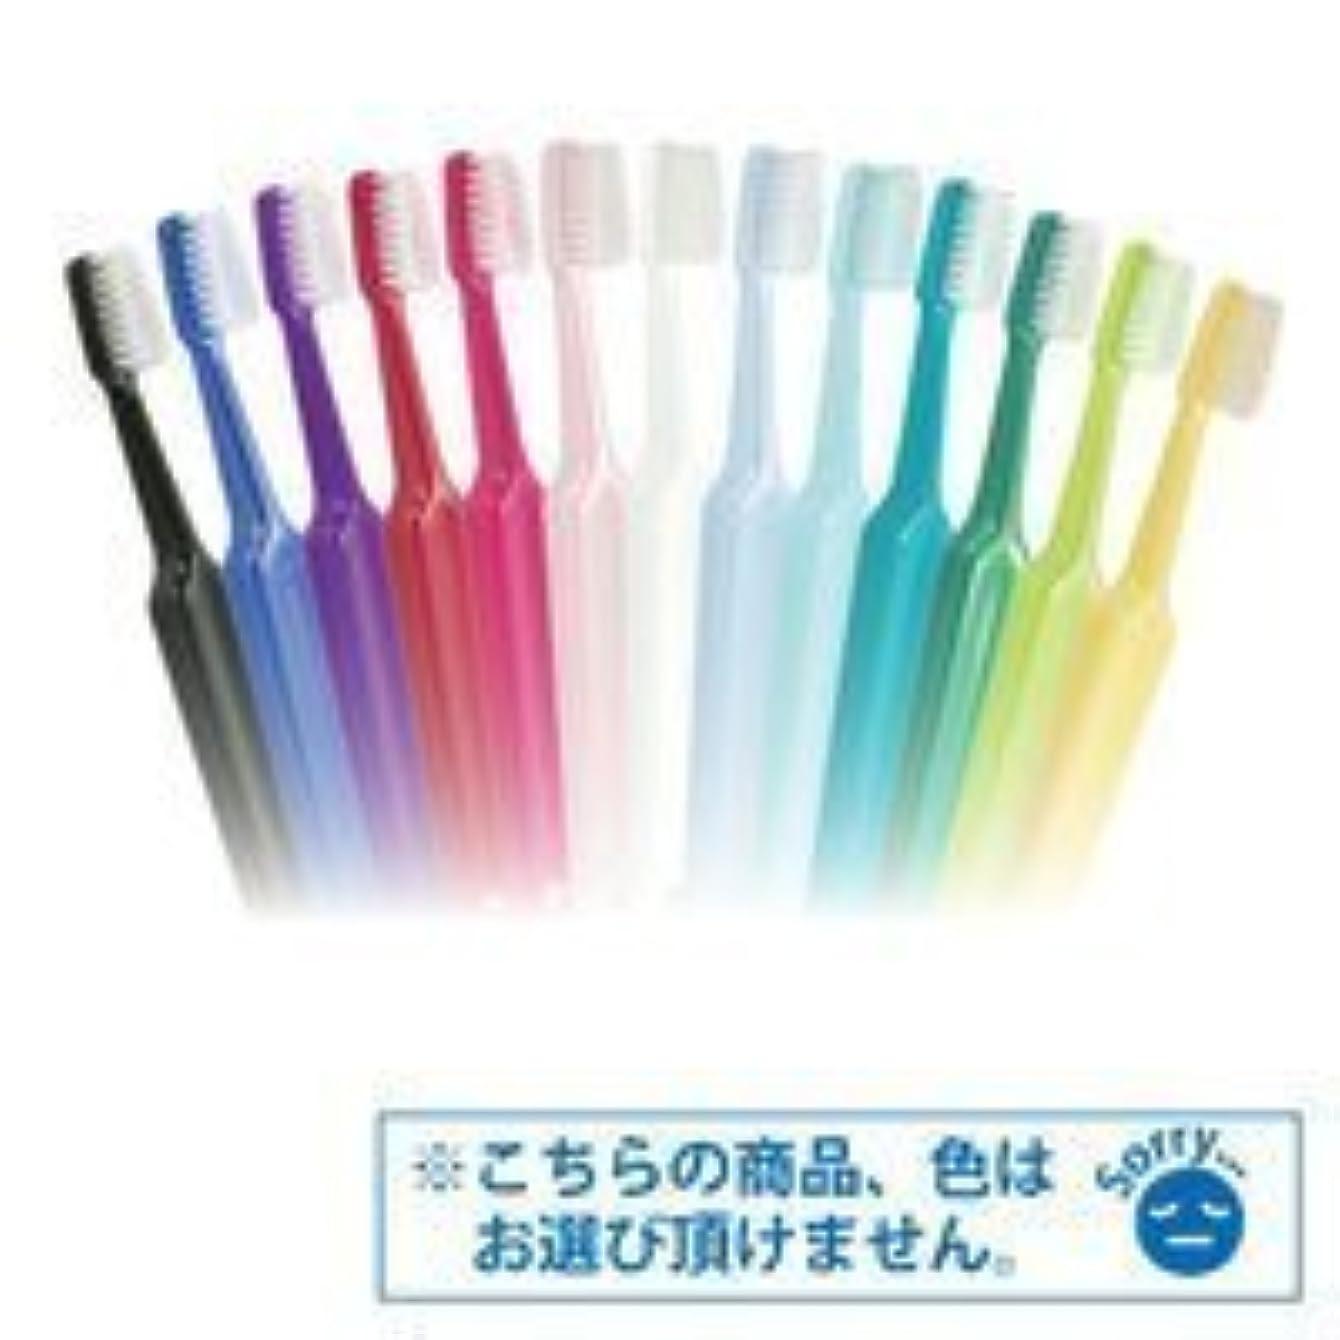 米国先に無効にするTepe歯ブラシ セレクトミニ/エクストラソフト 5本入り